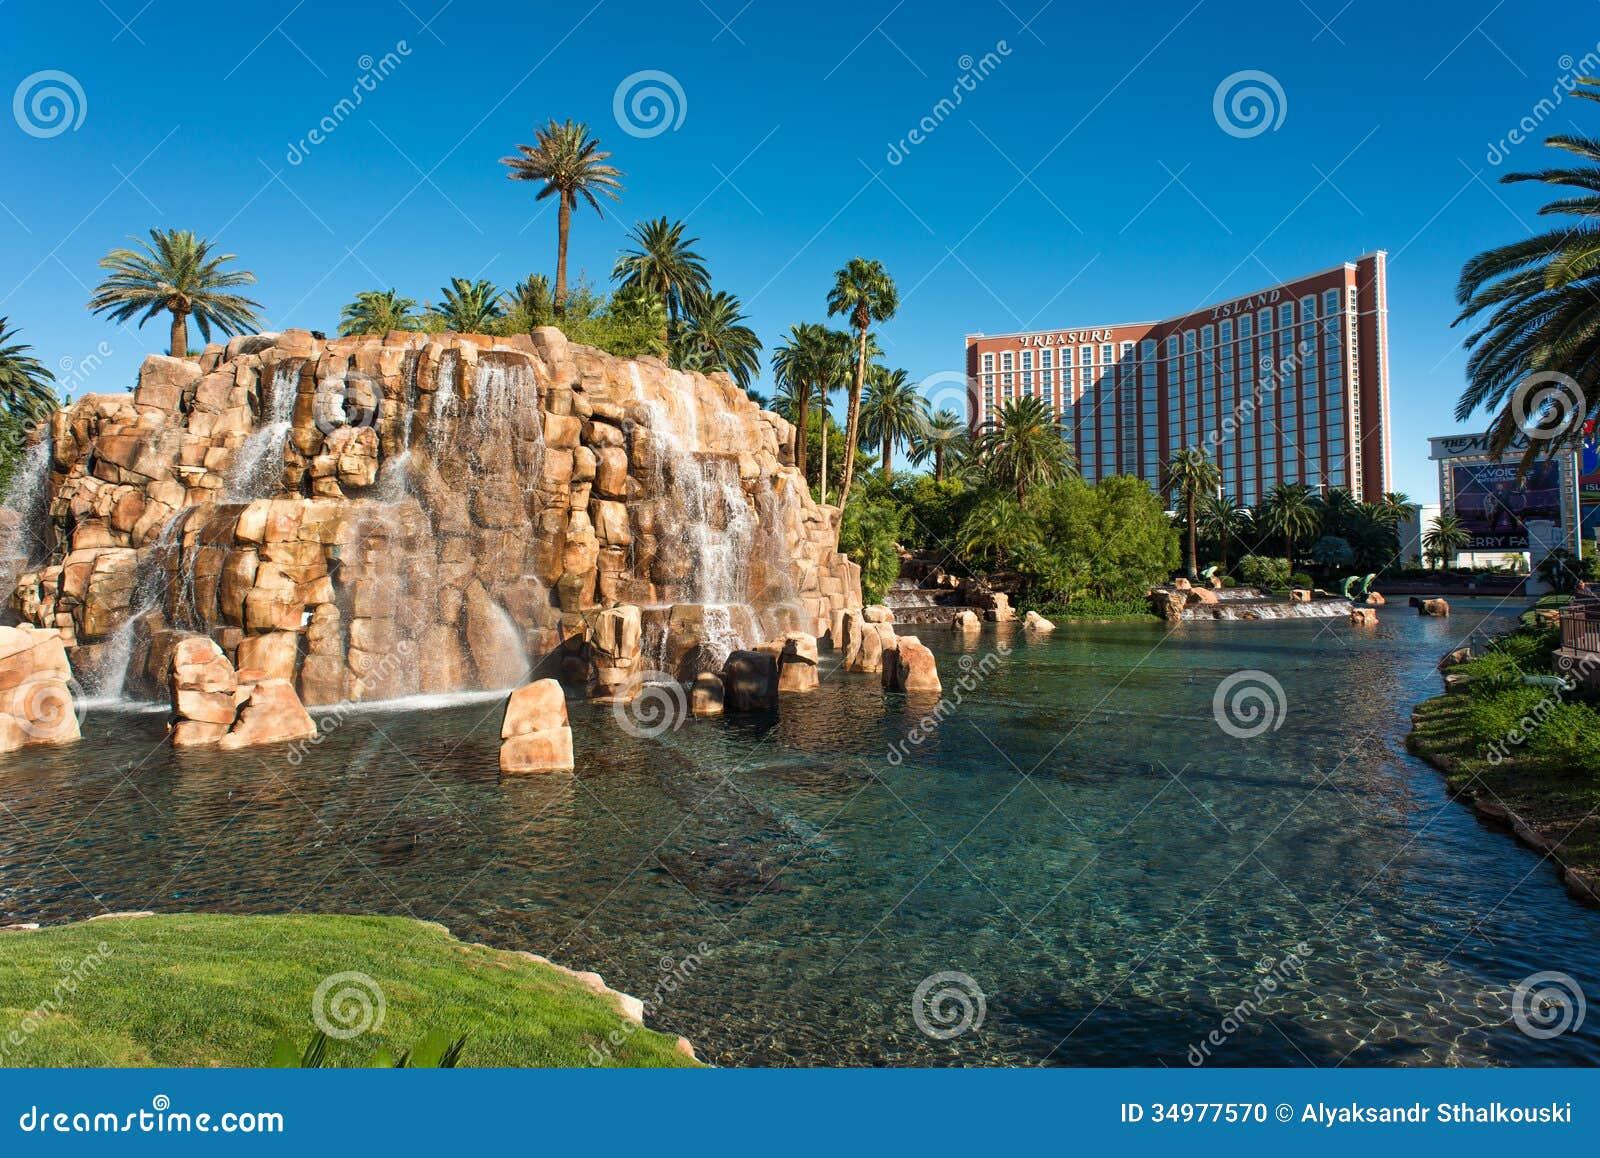 Island View Casino Resort  Gulfport MS  Yelp